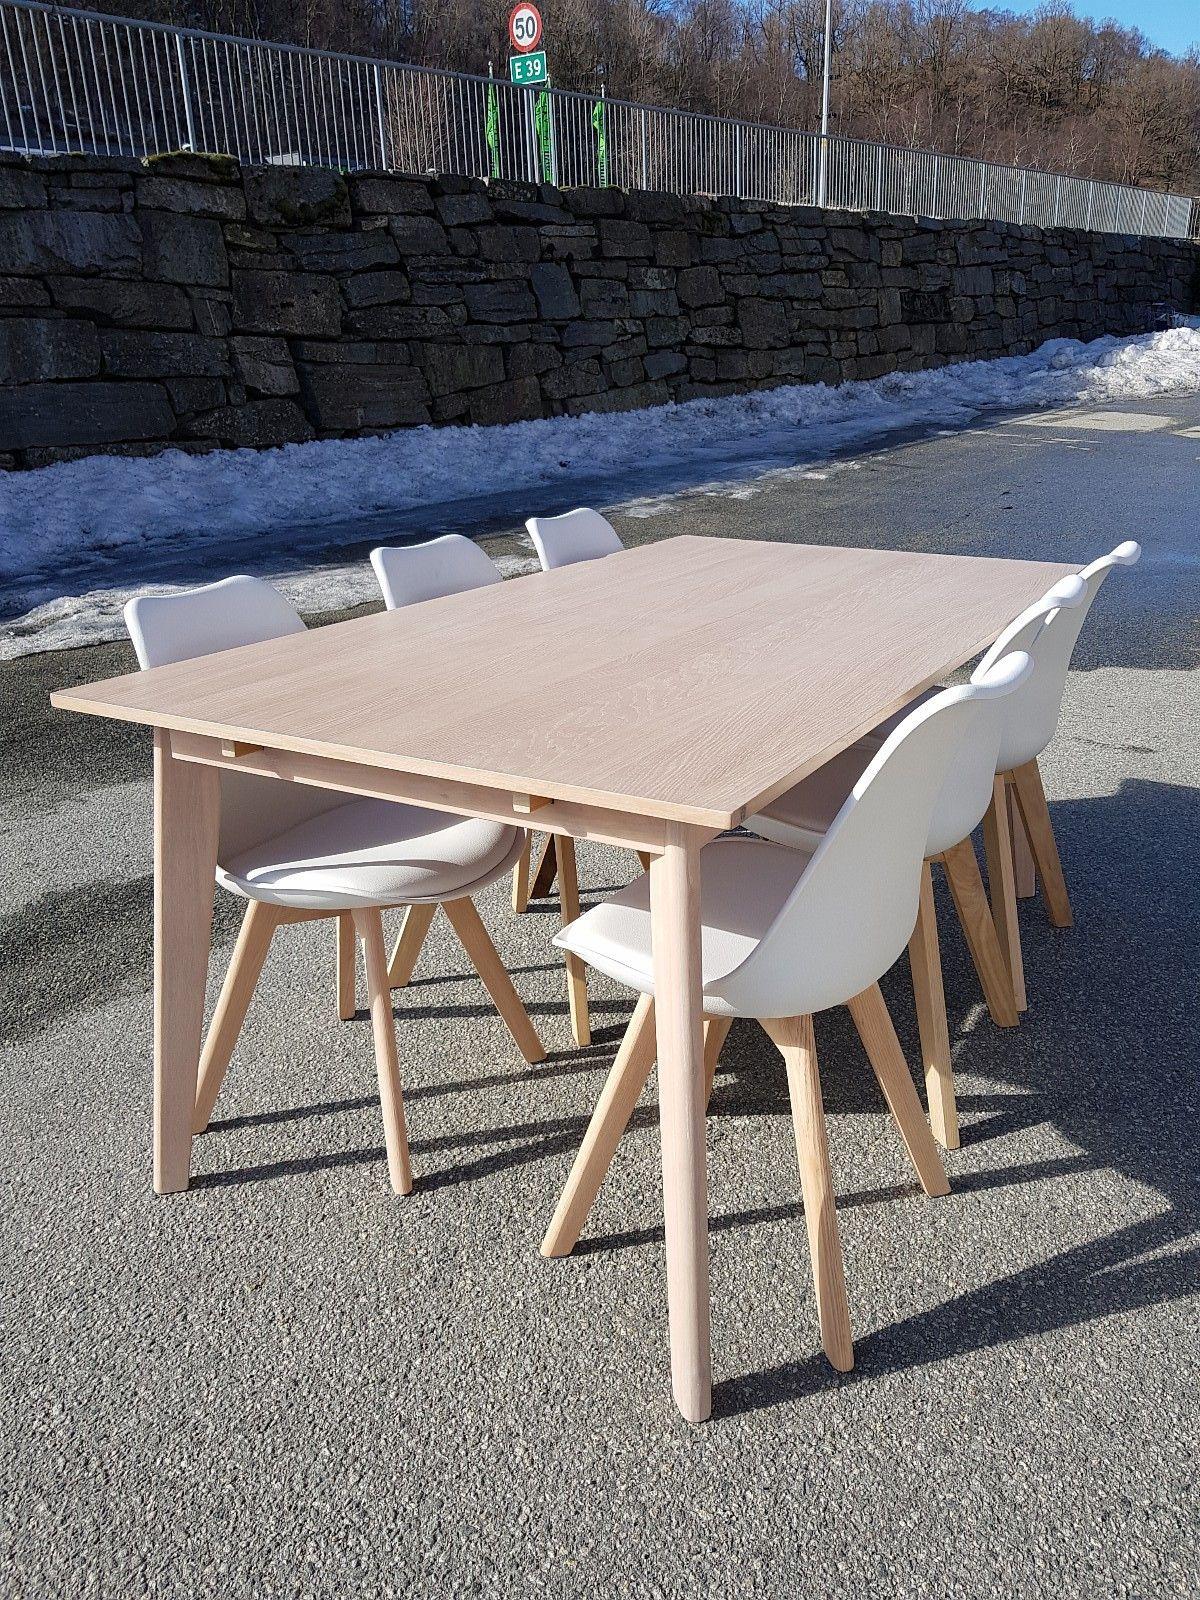 Ungdommelig Nordic spisebord med 6 Tone stoler | FINN.no VZ-46